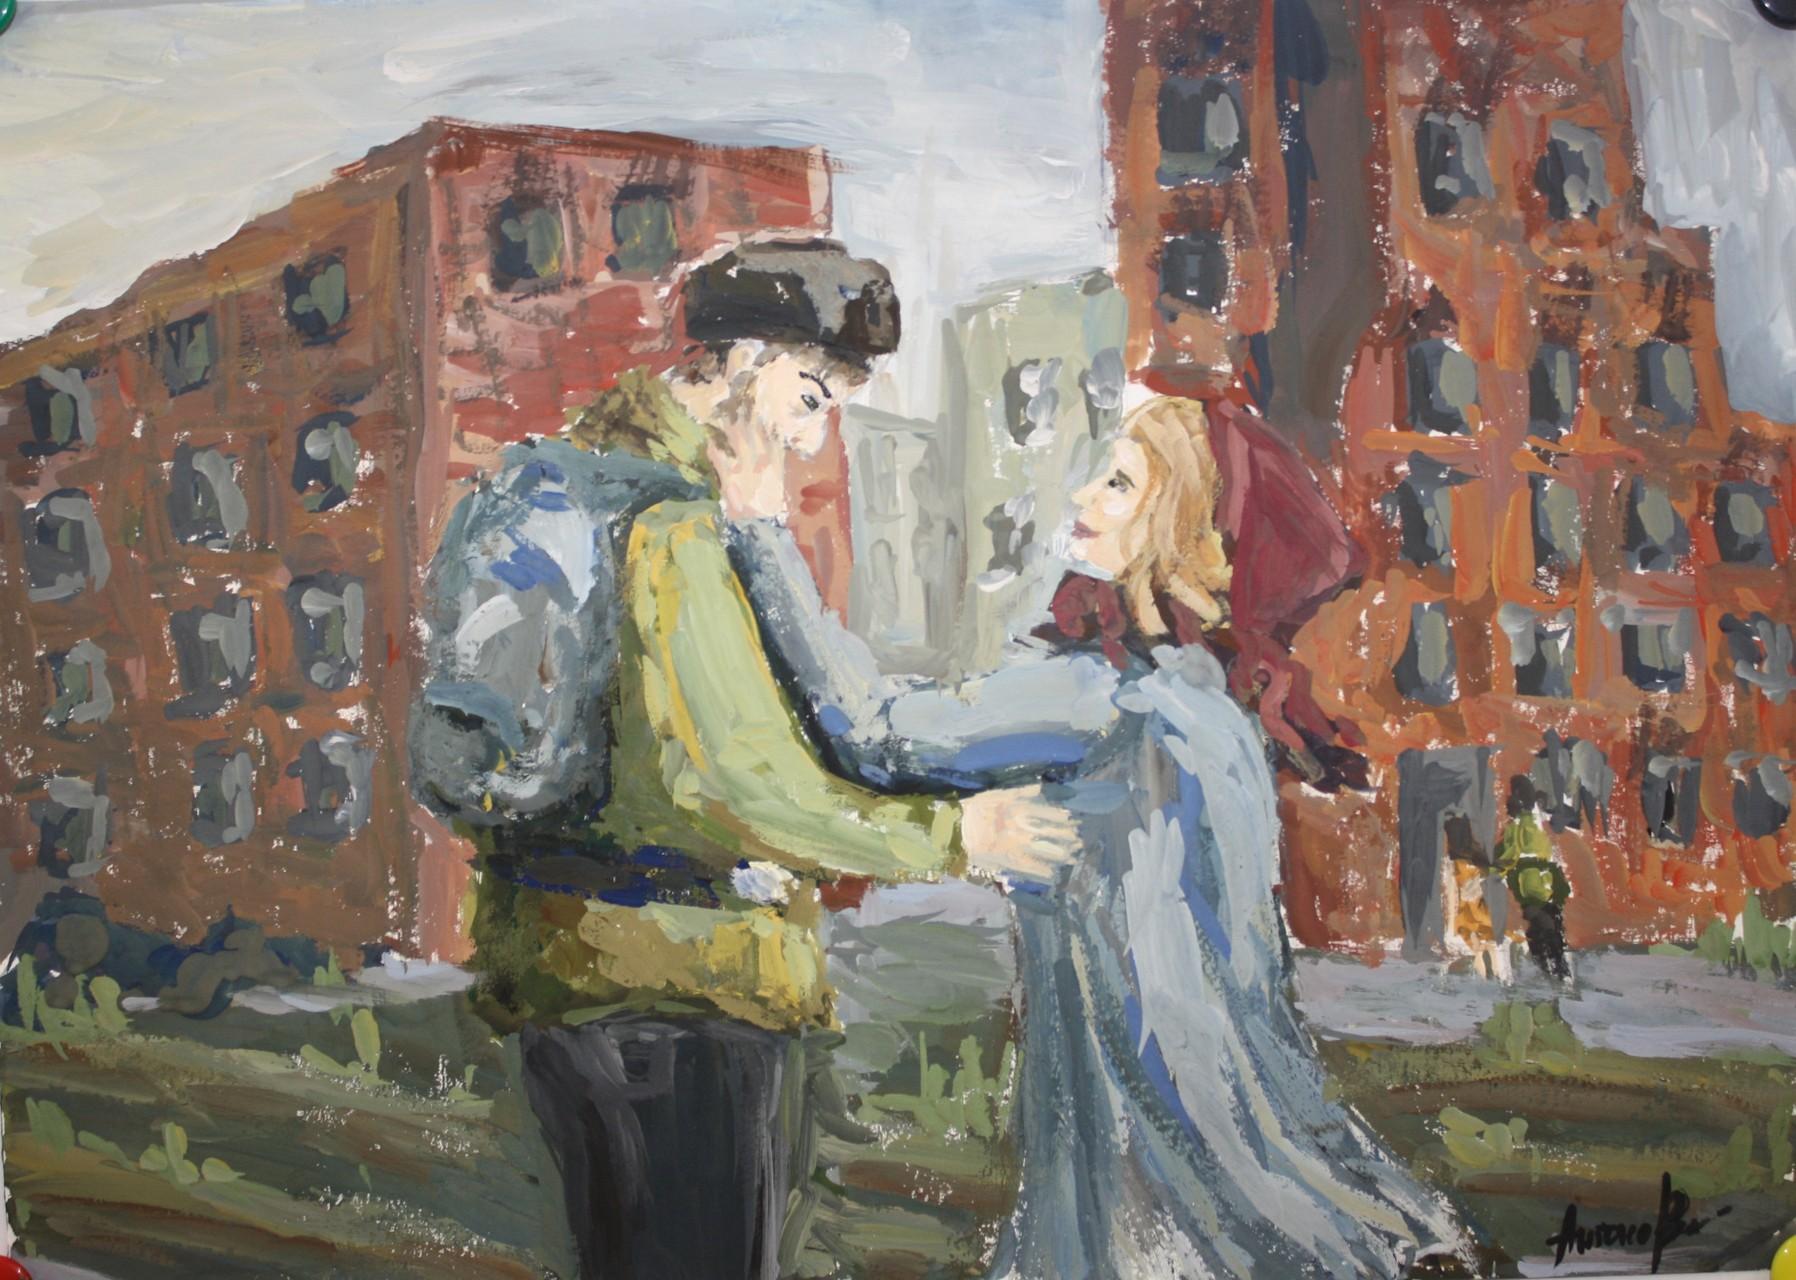 Автор - Антонова Даша, пр. Мальцева Ю.В.